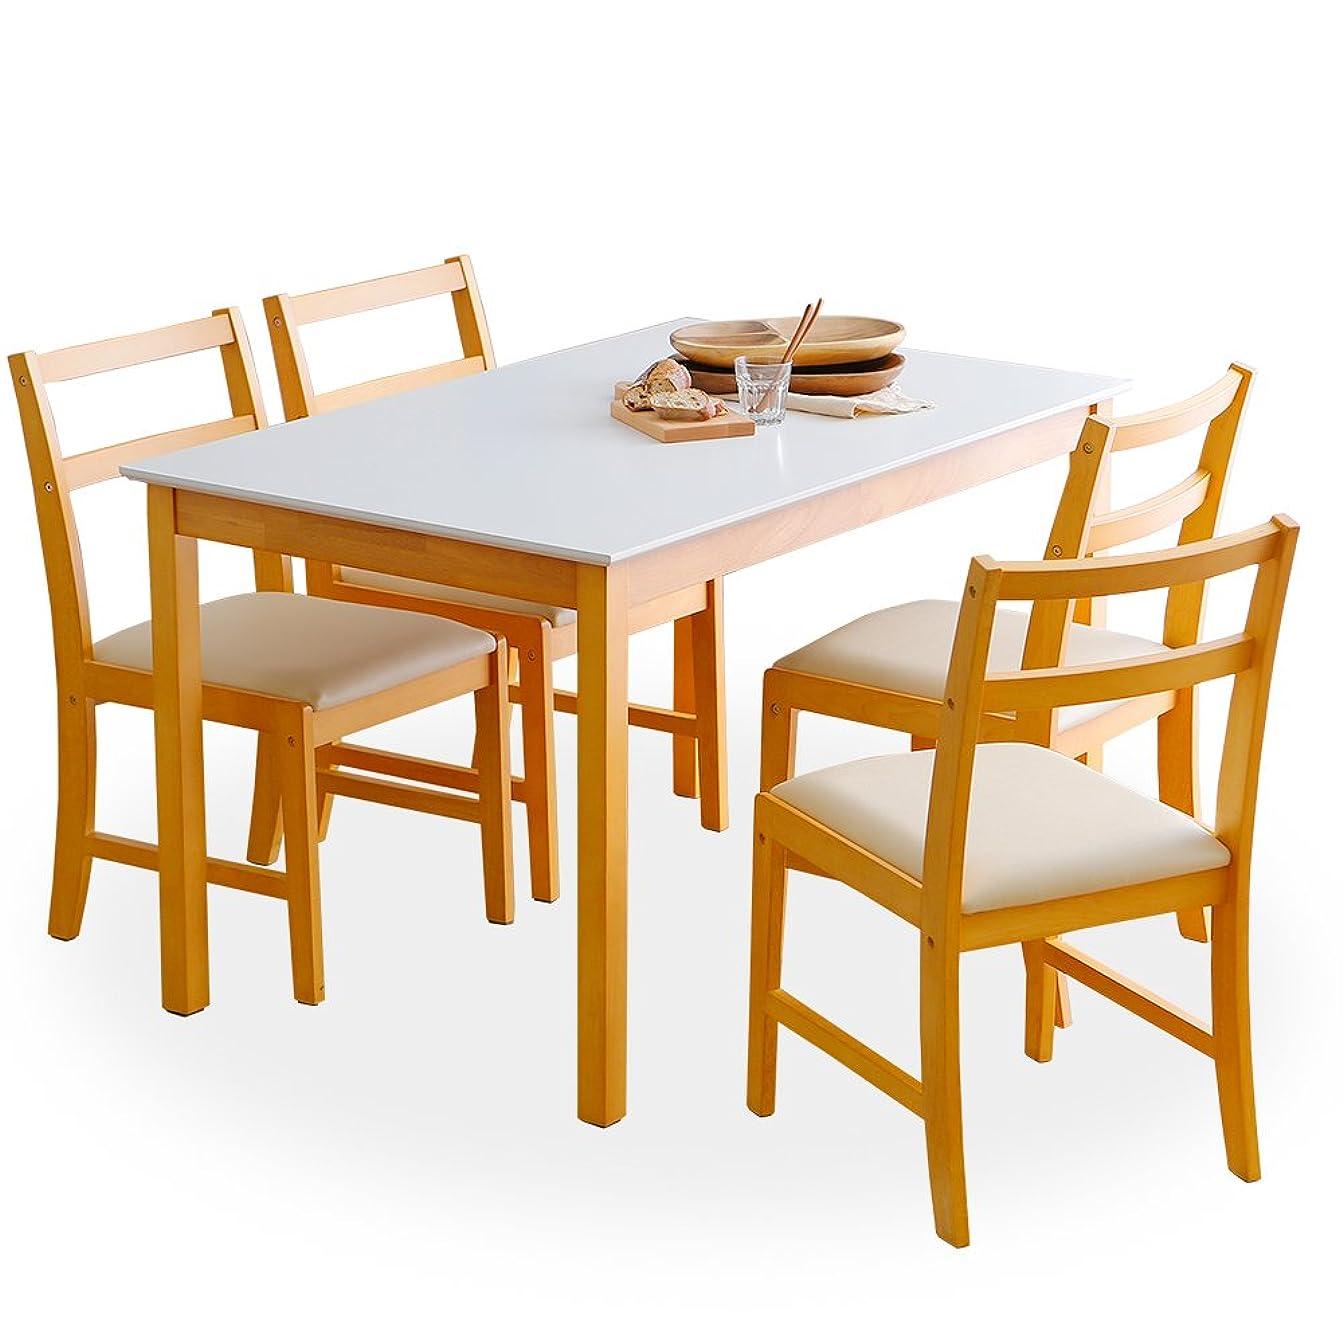 スピーカー精査するオンLOWYA (ロウヤ) ダイニング ダイニングテーブル 5点セット 4人掛け 幅120 テーブル ナチュラル ホワイト おしゃれ 新生活